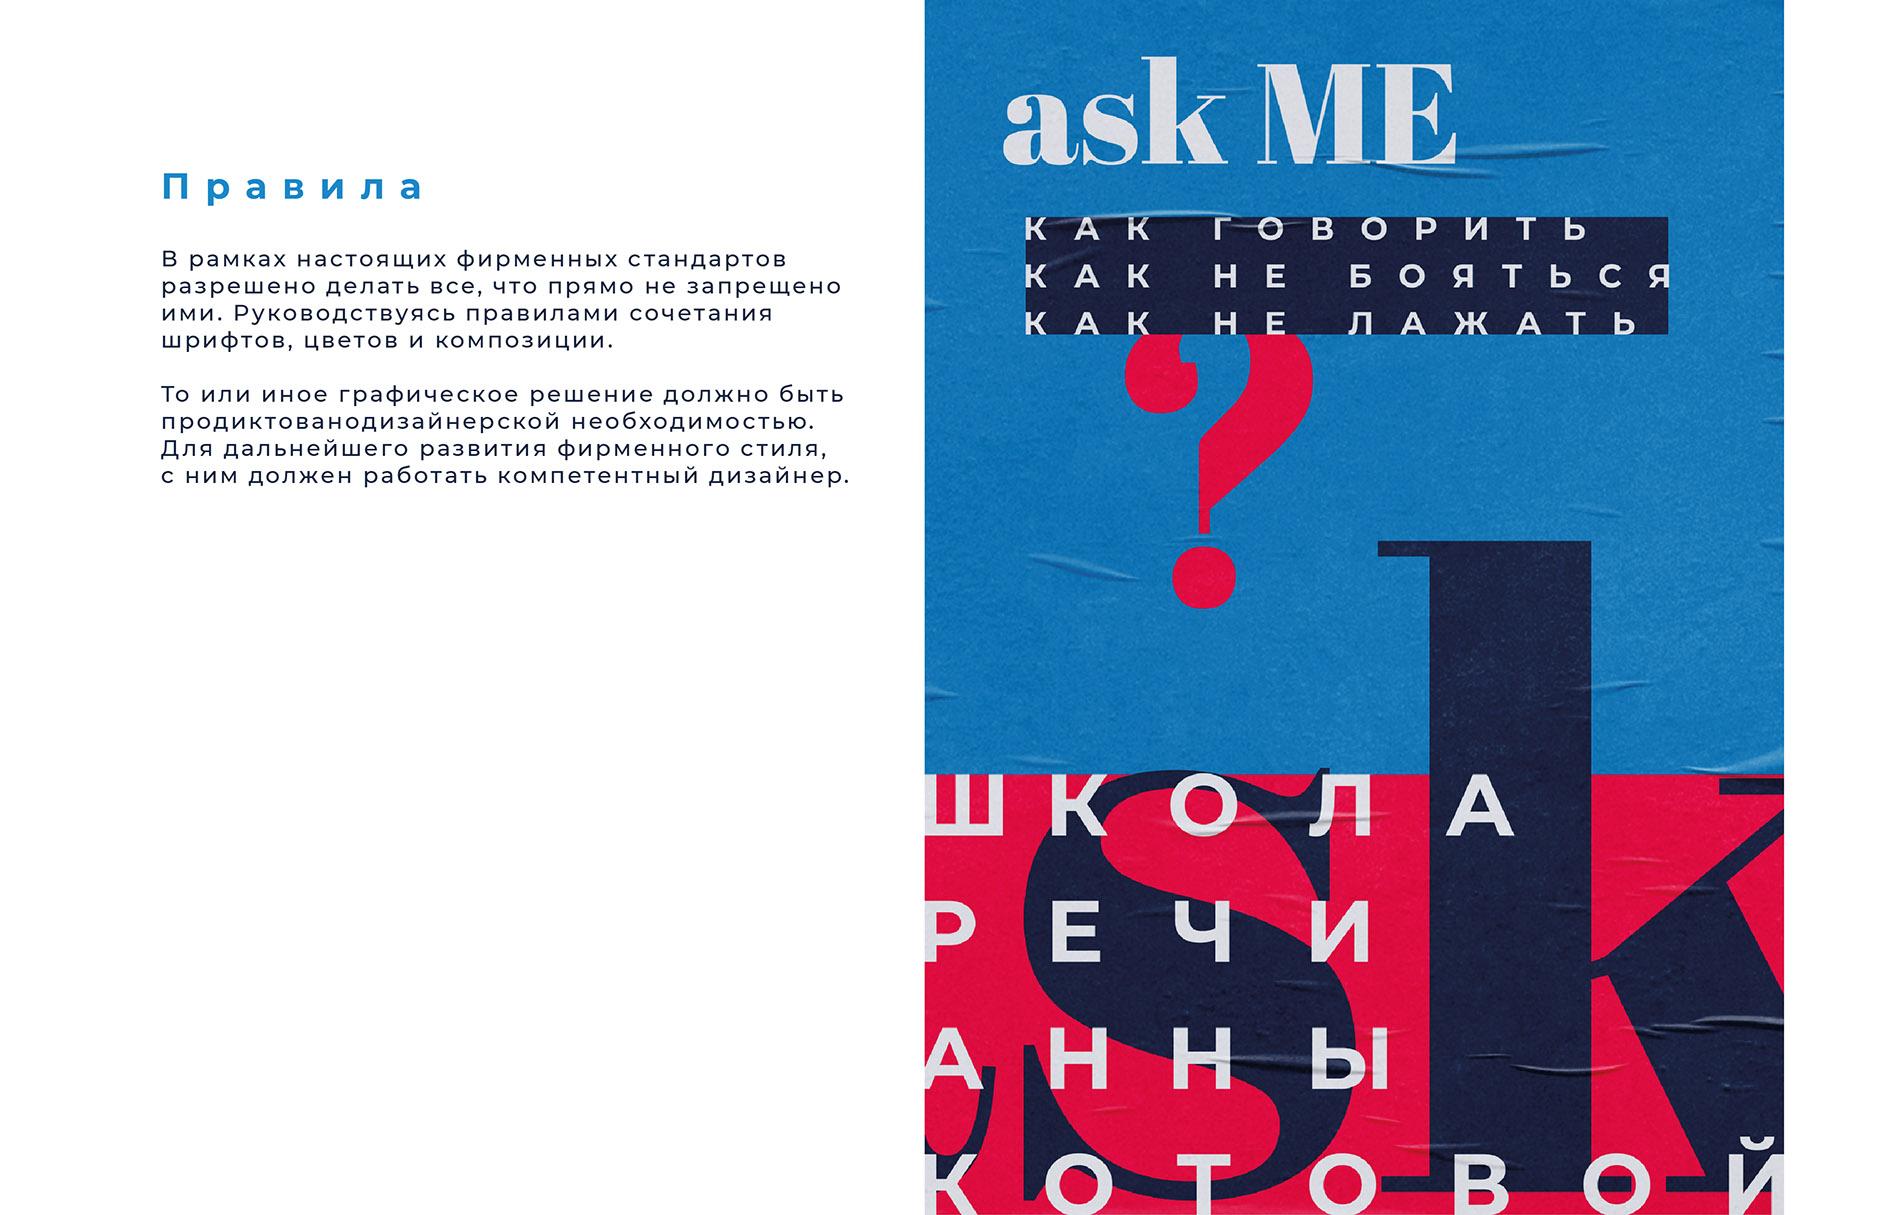 Дизайн плакат